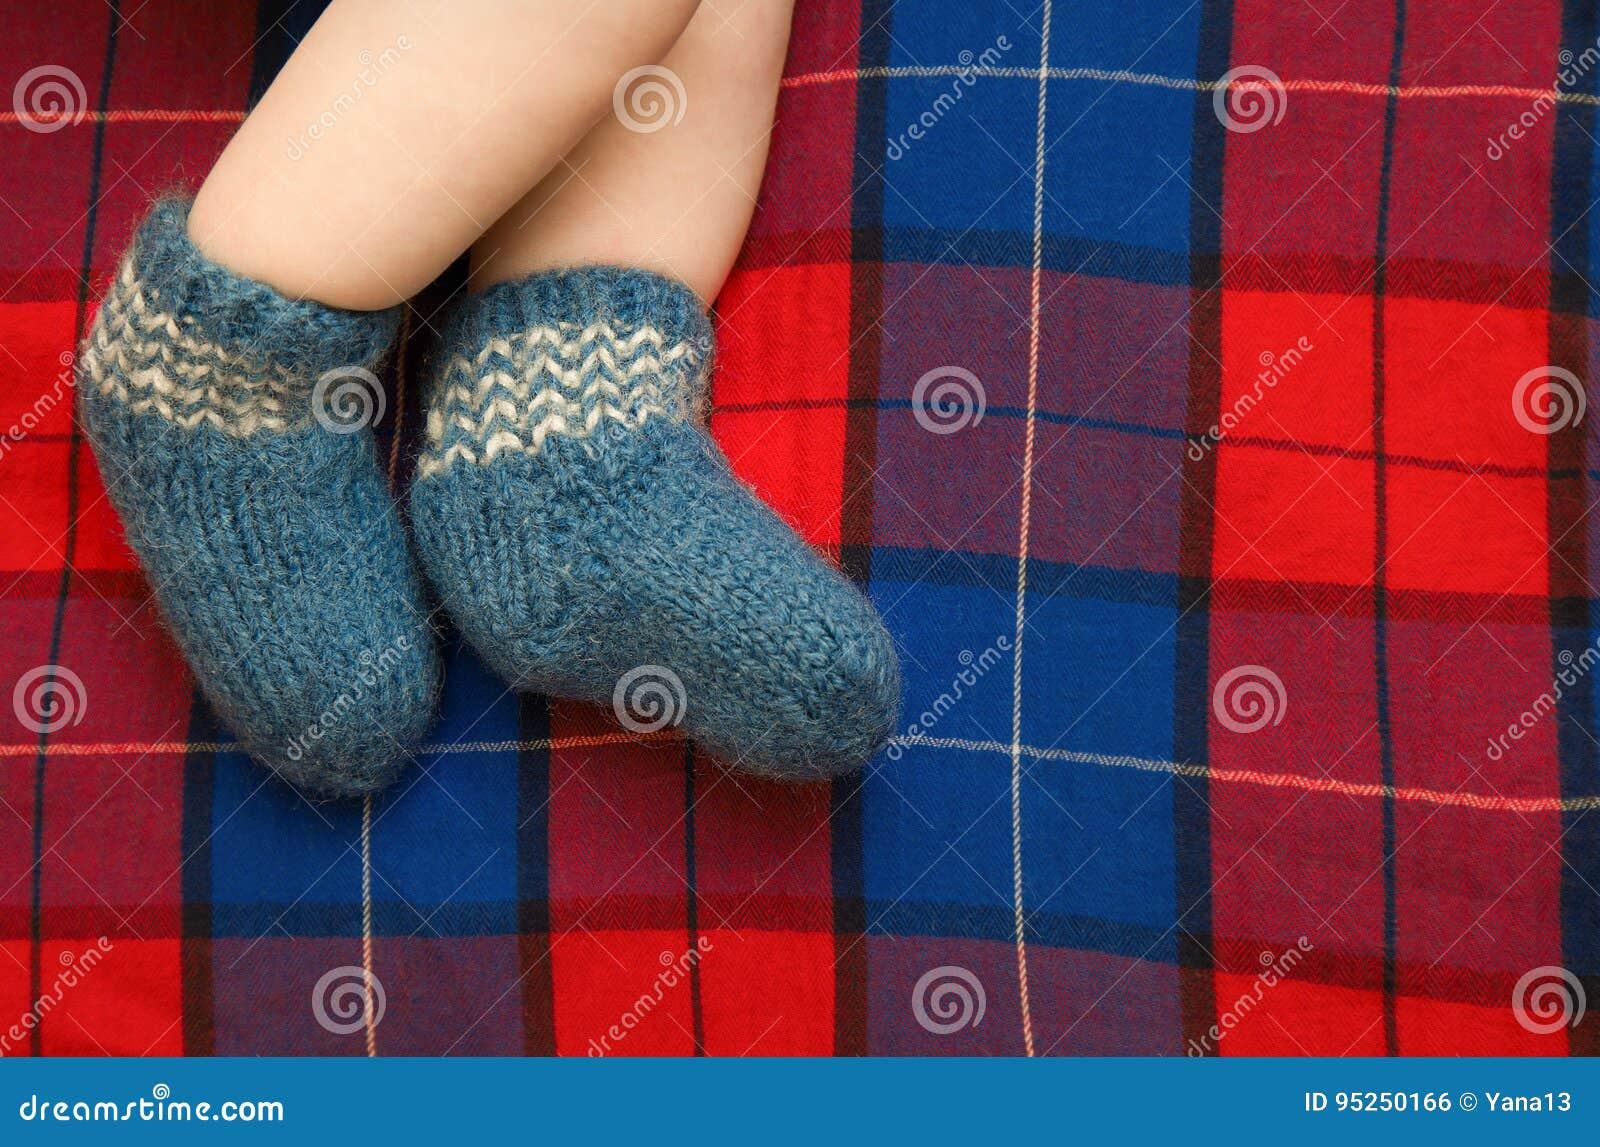 Feet Newborn Baby In A Blue Knitted Woolen Socks On The Backgrou